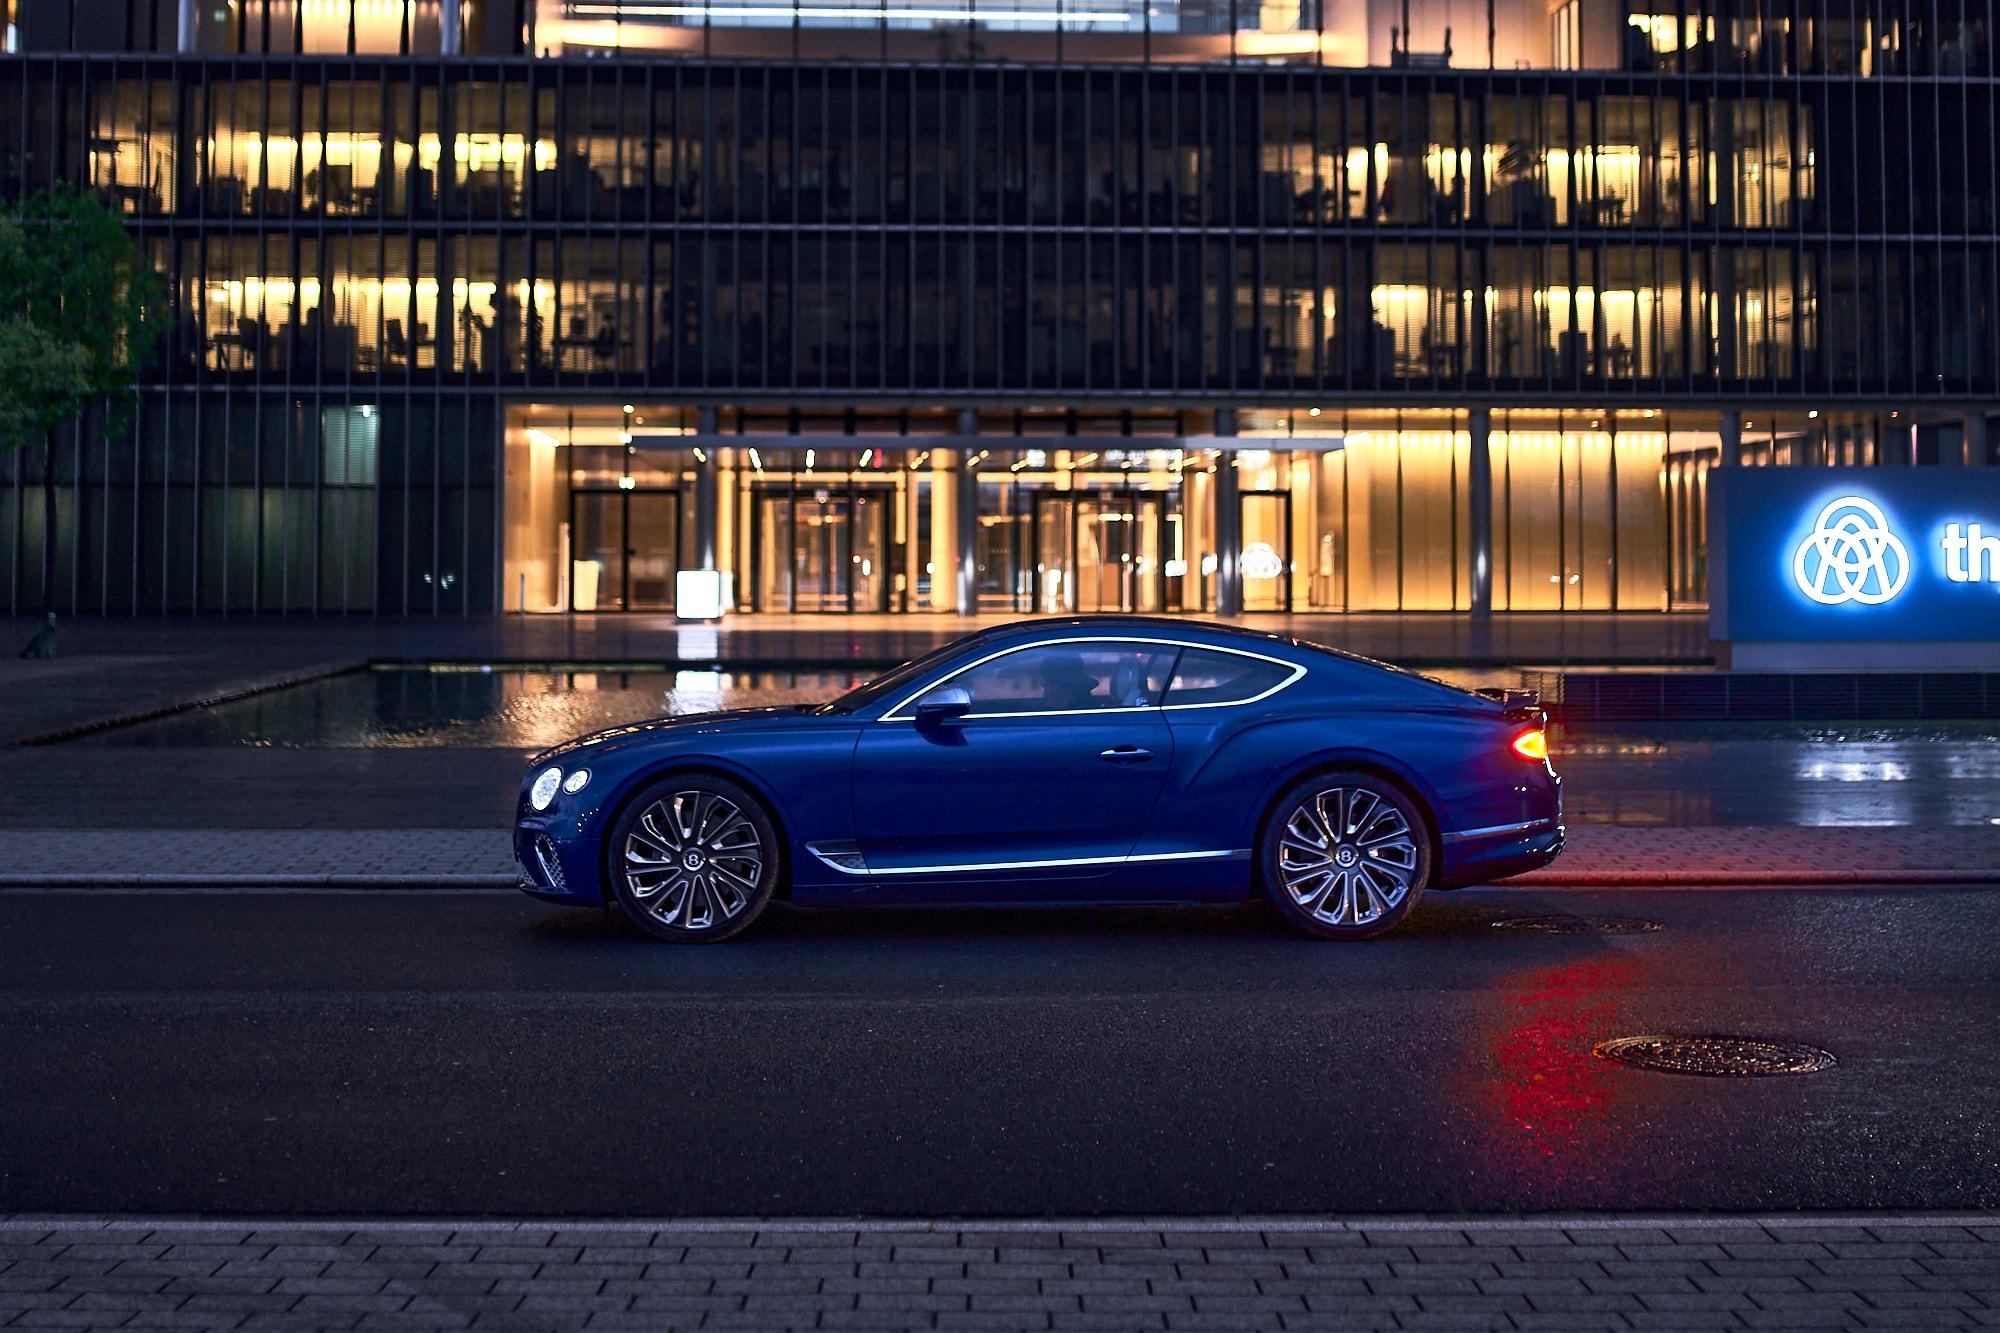 Der Bentley Continental GT Mulliner: Wenn Automobilbau und handwerkliche Präzision zur Kunst verschmelzen 1